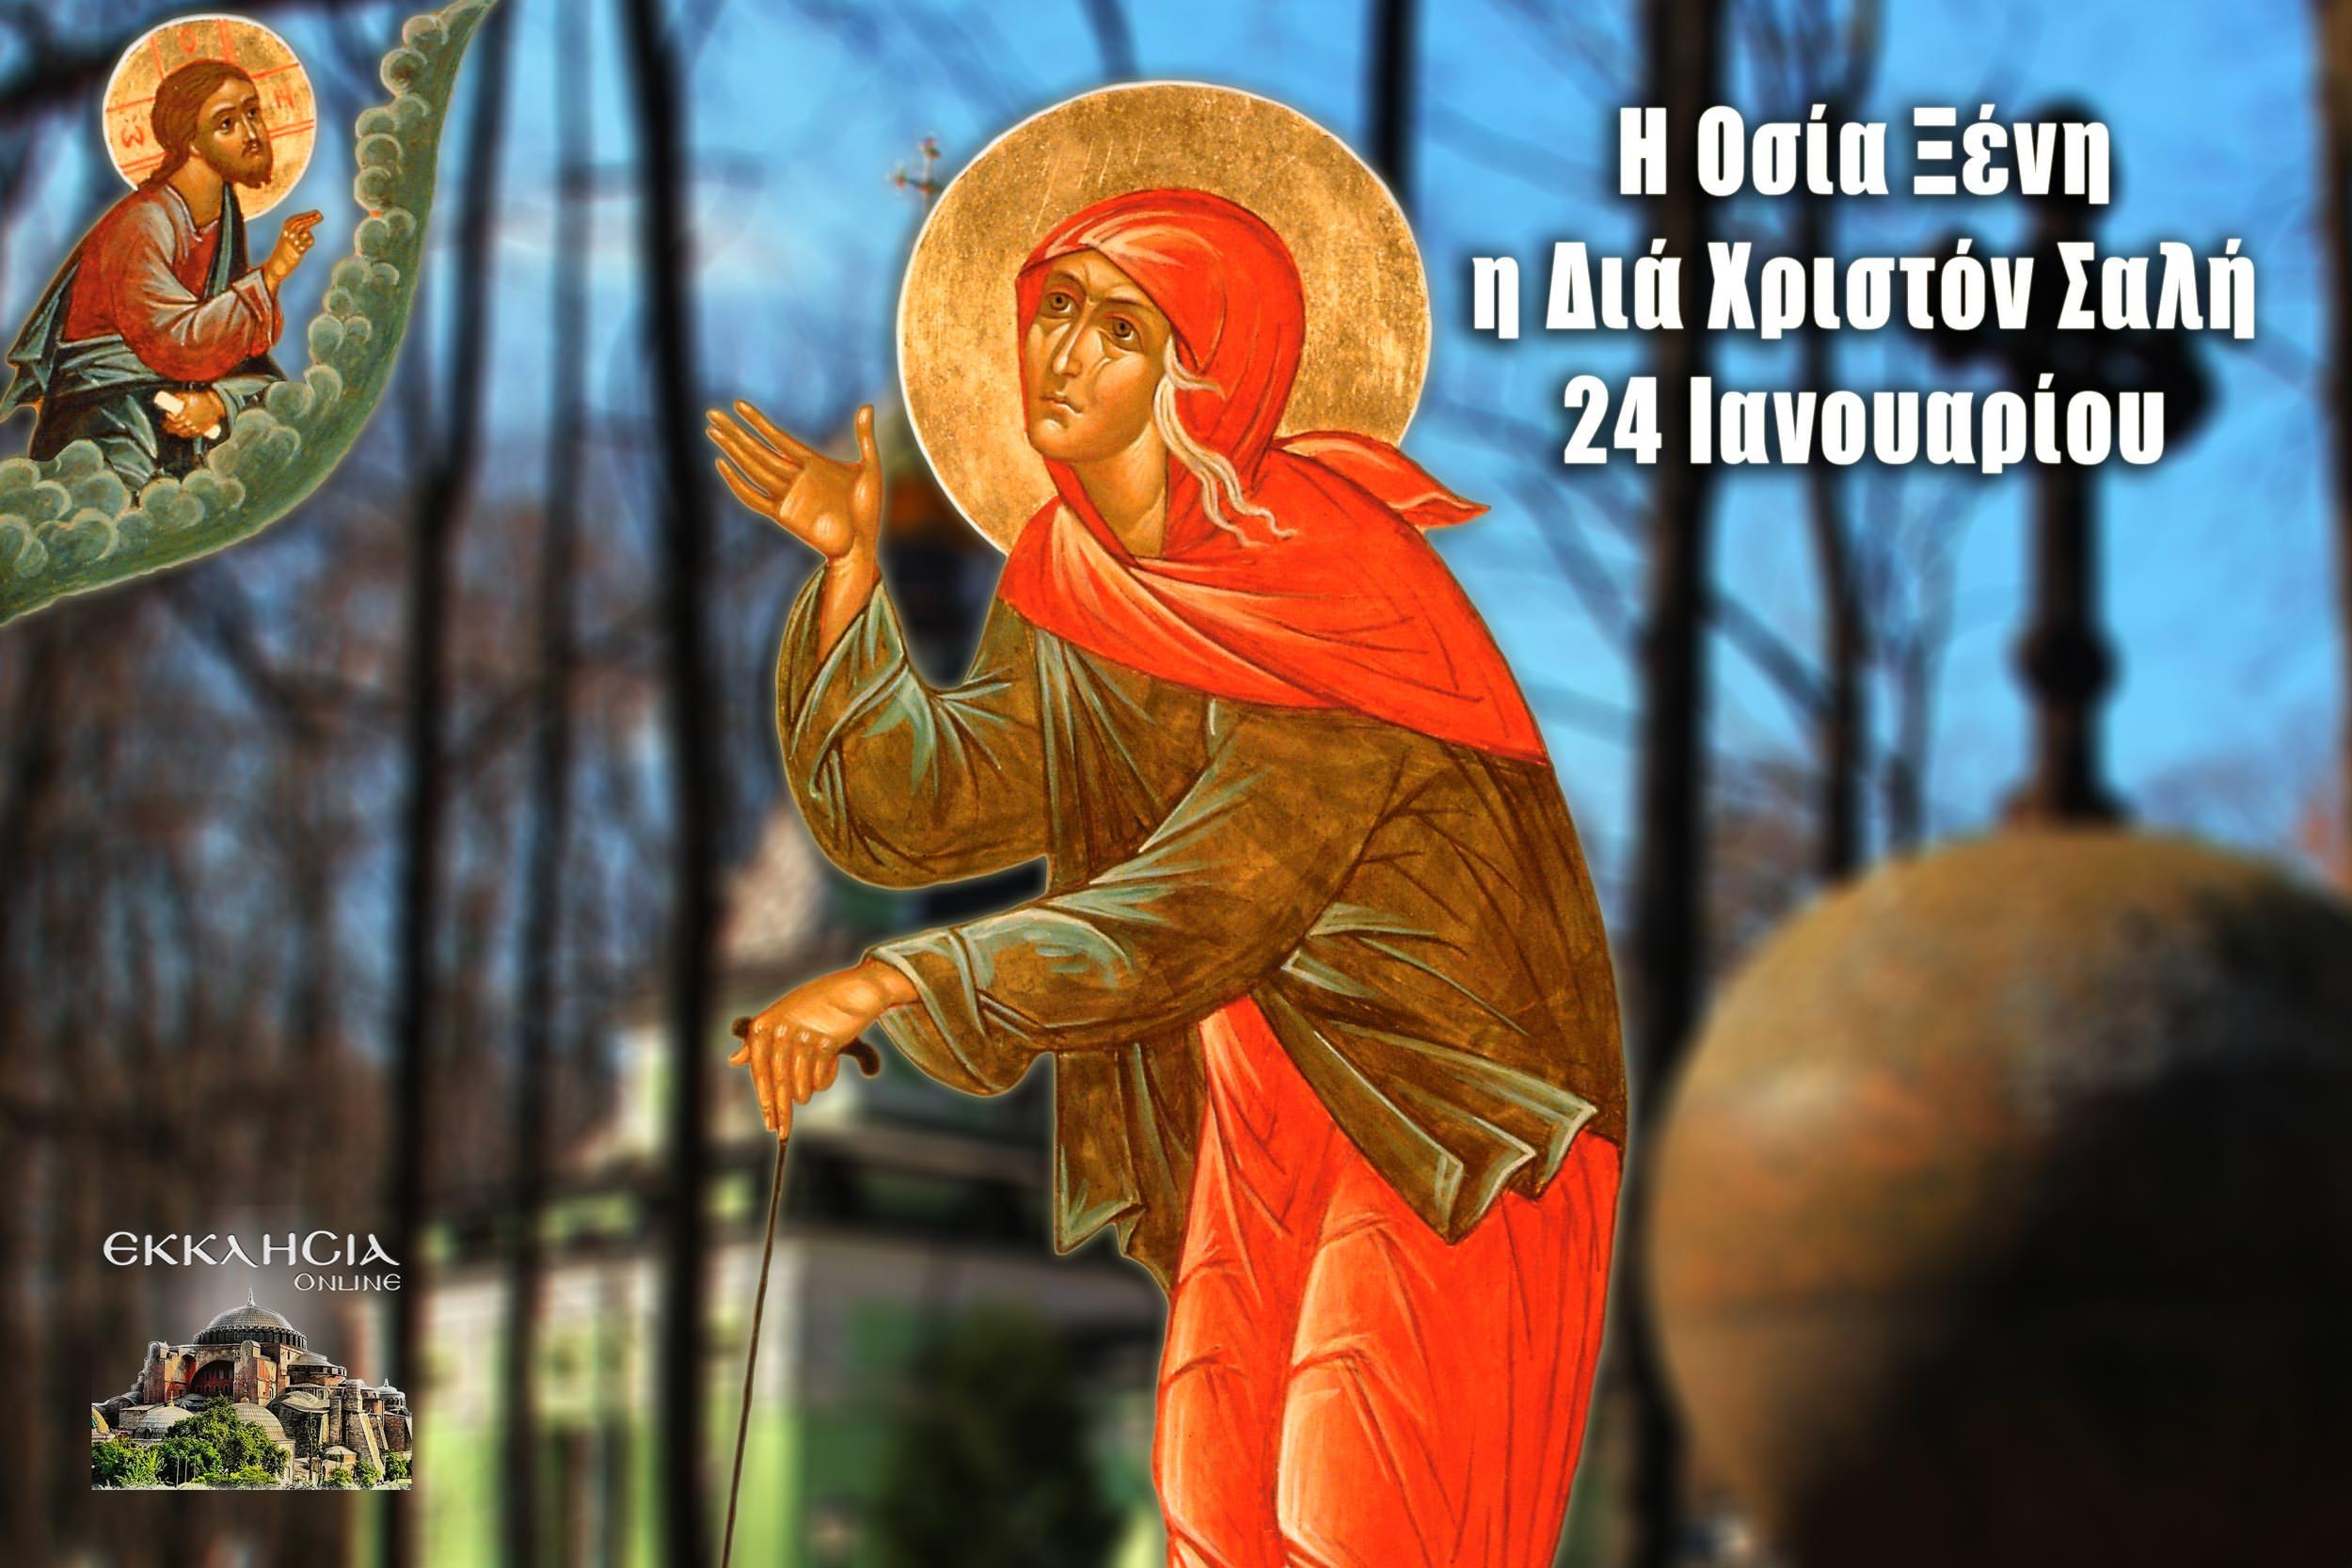 Οσία Ξένη 24 Ιανουαρίου